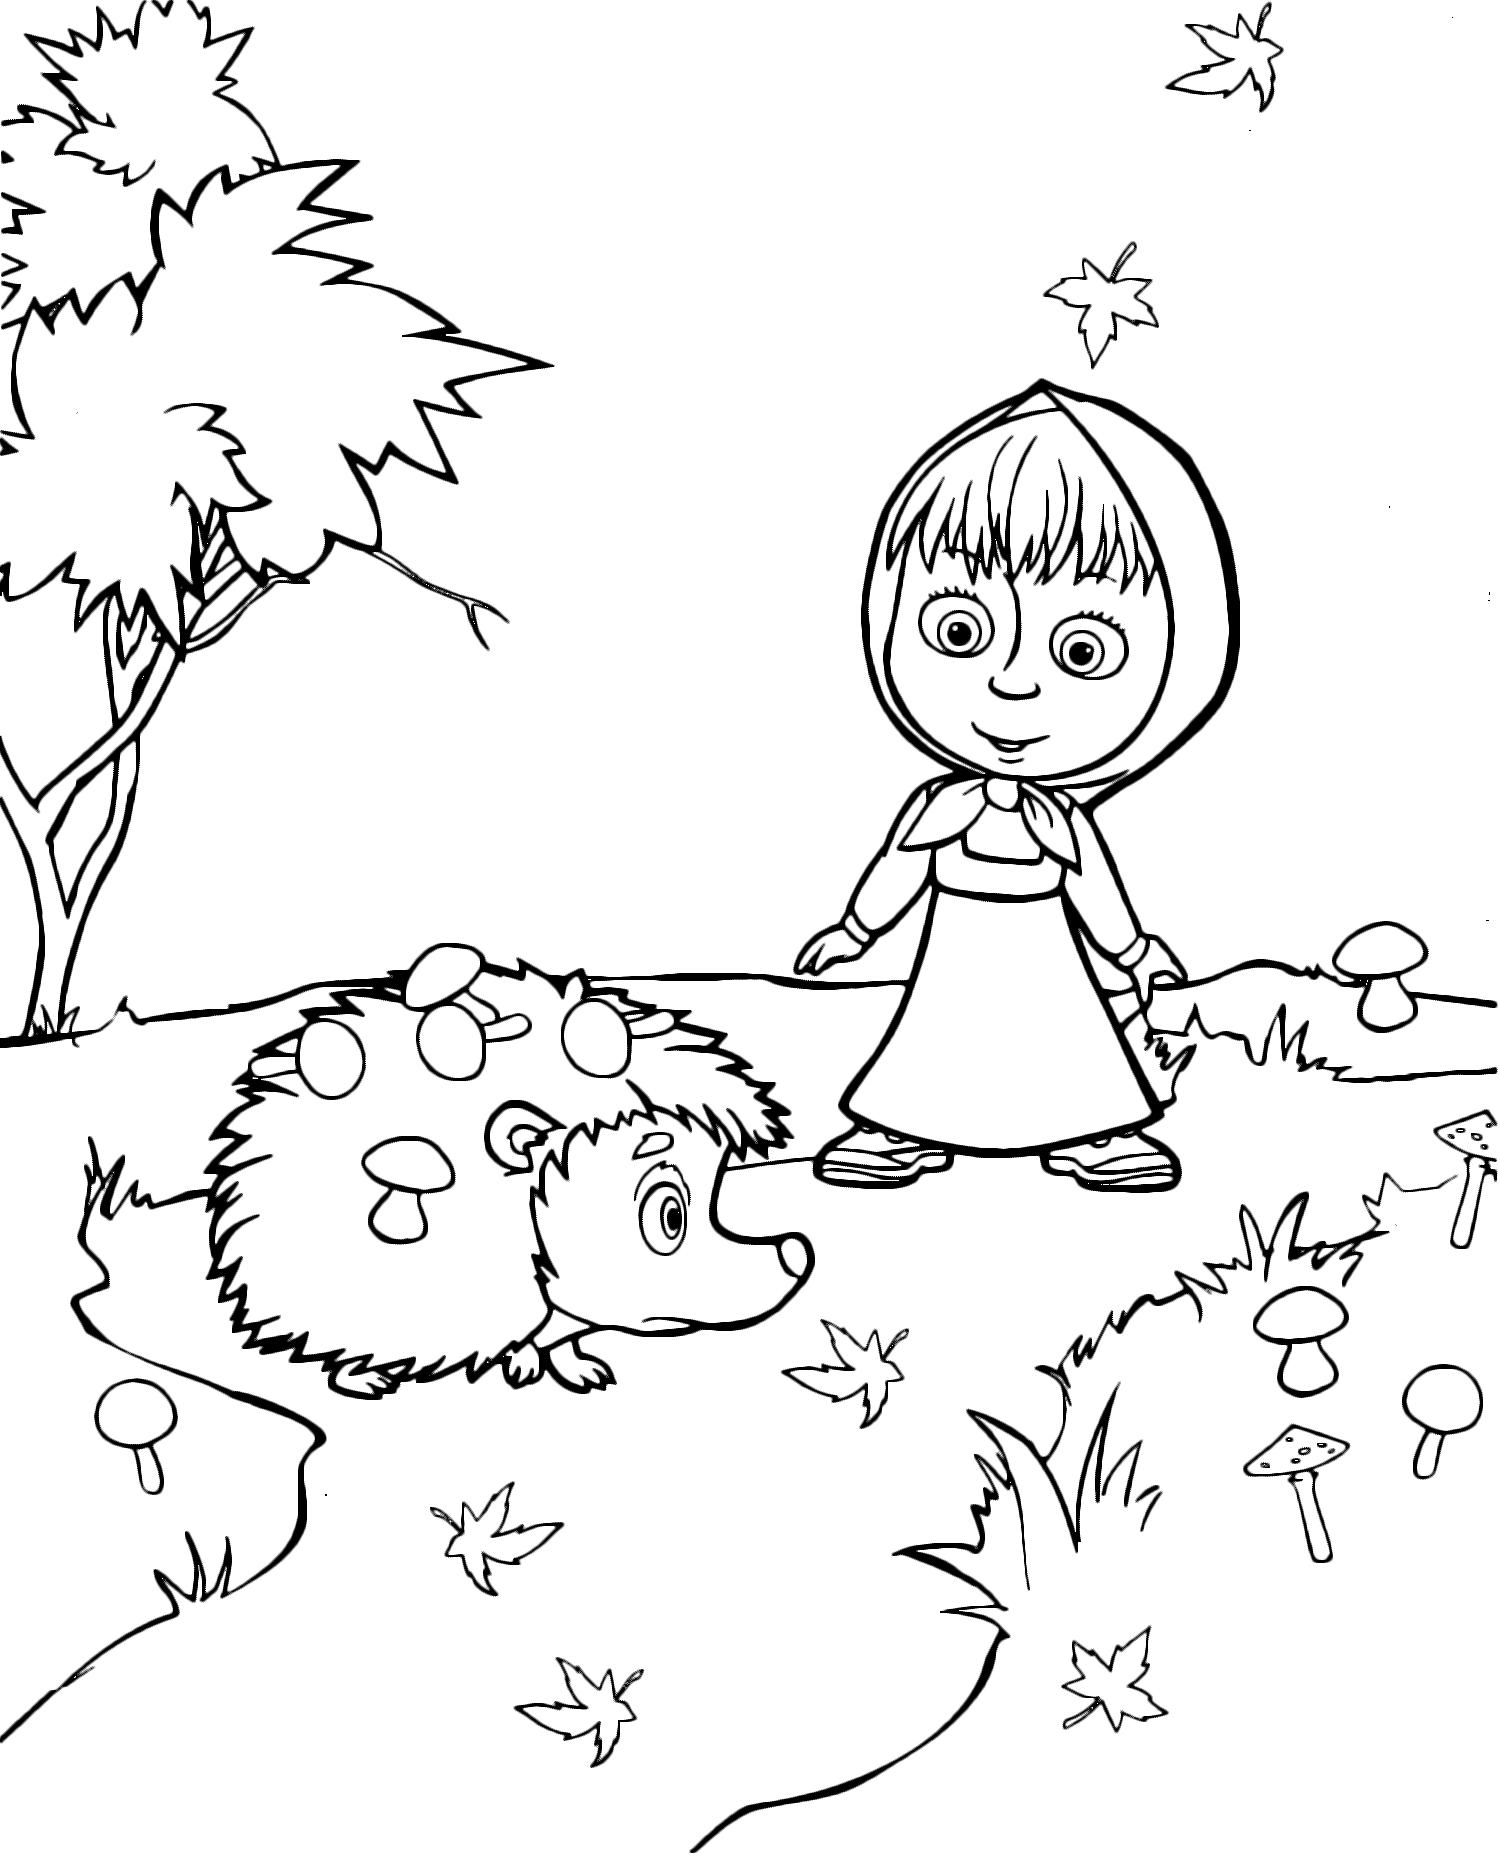 Masha hedgehog